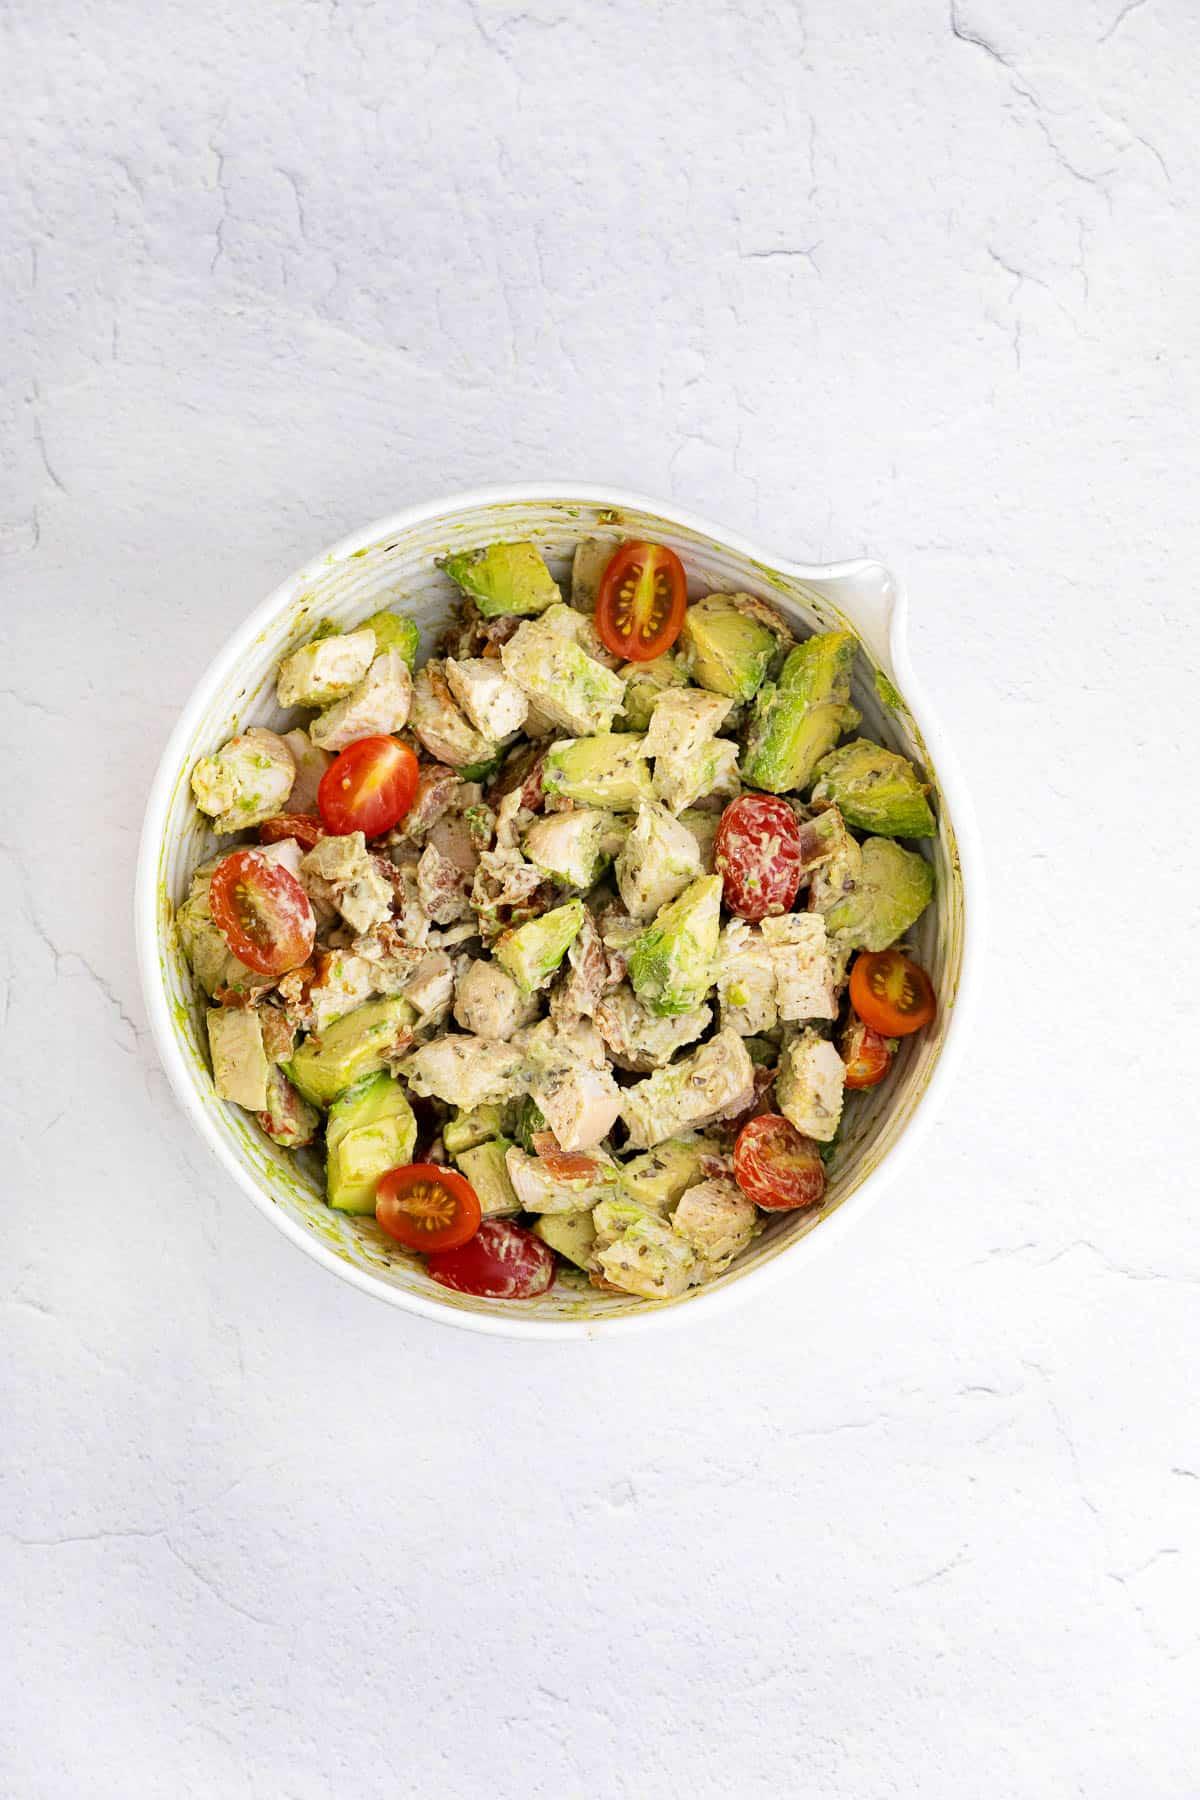 ceramic bowl with pesto chicken salad - pesto, chicken, tomato, avocado, mayo, and pesto